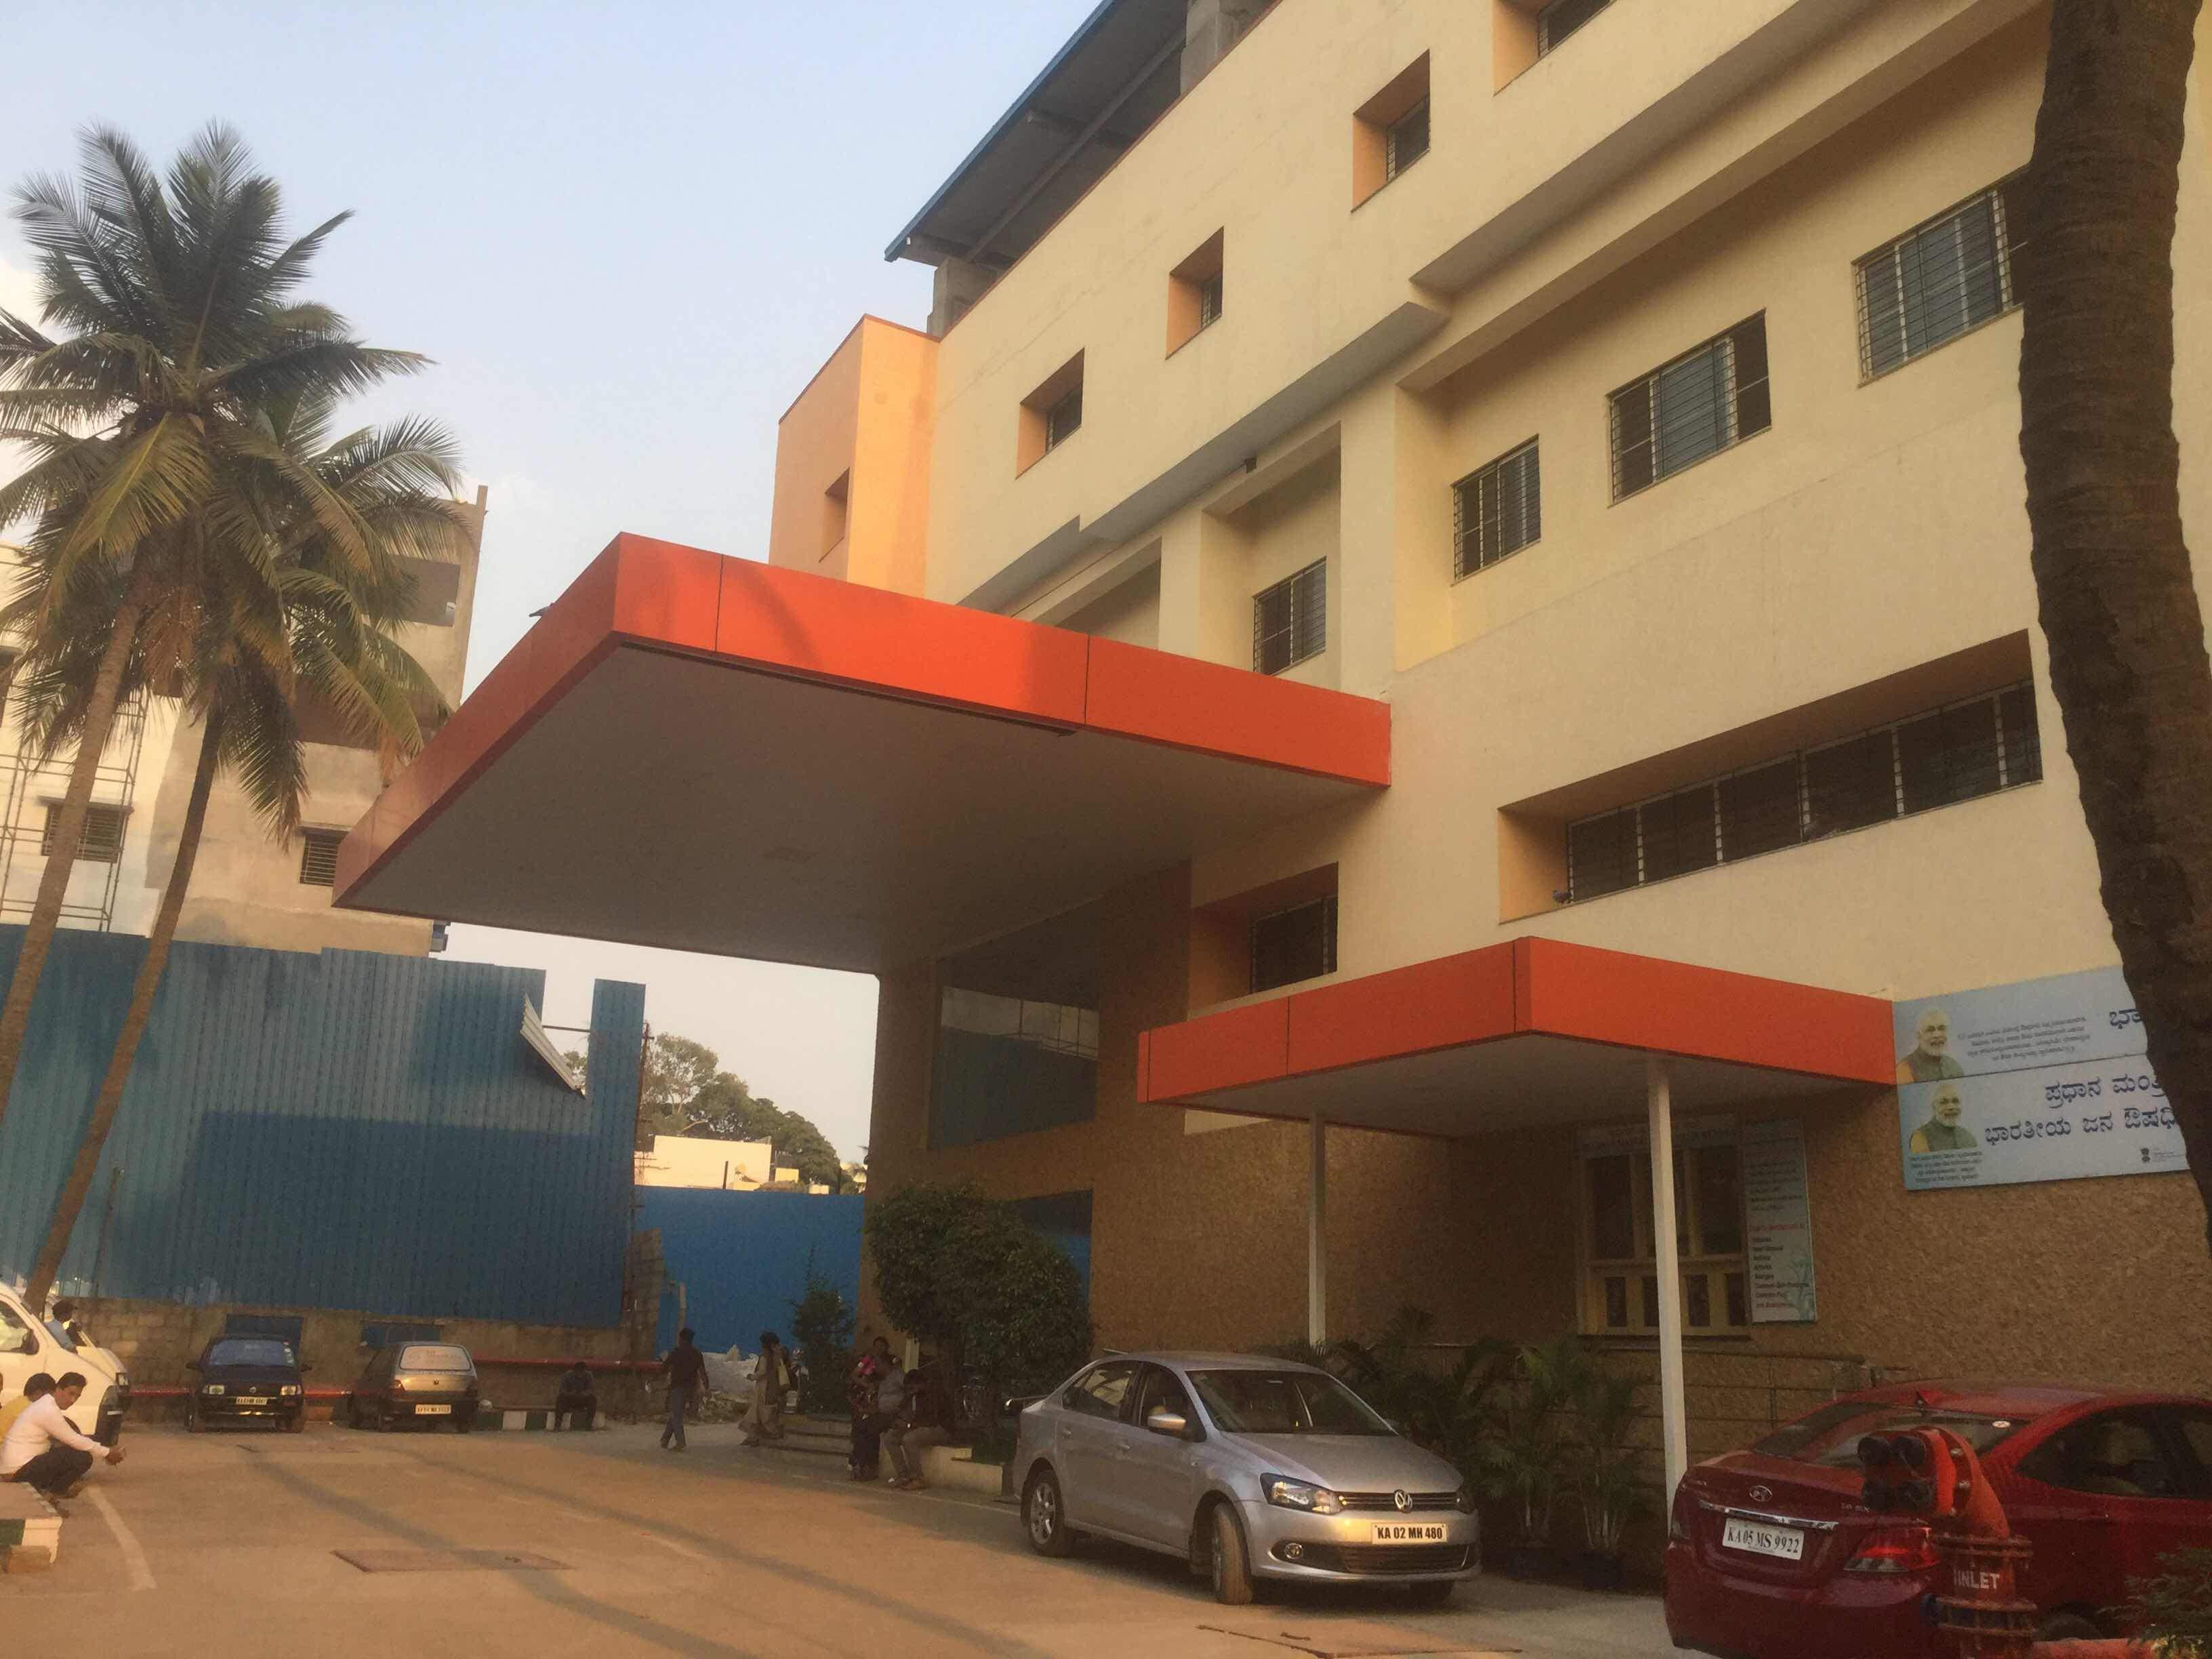 Shri Shankara Cancer Hospital and Research Centre